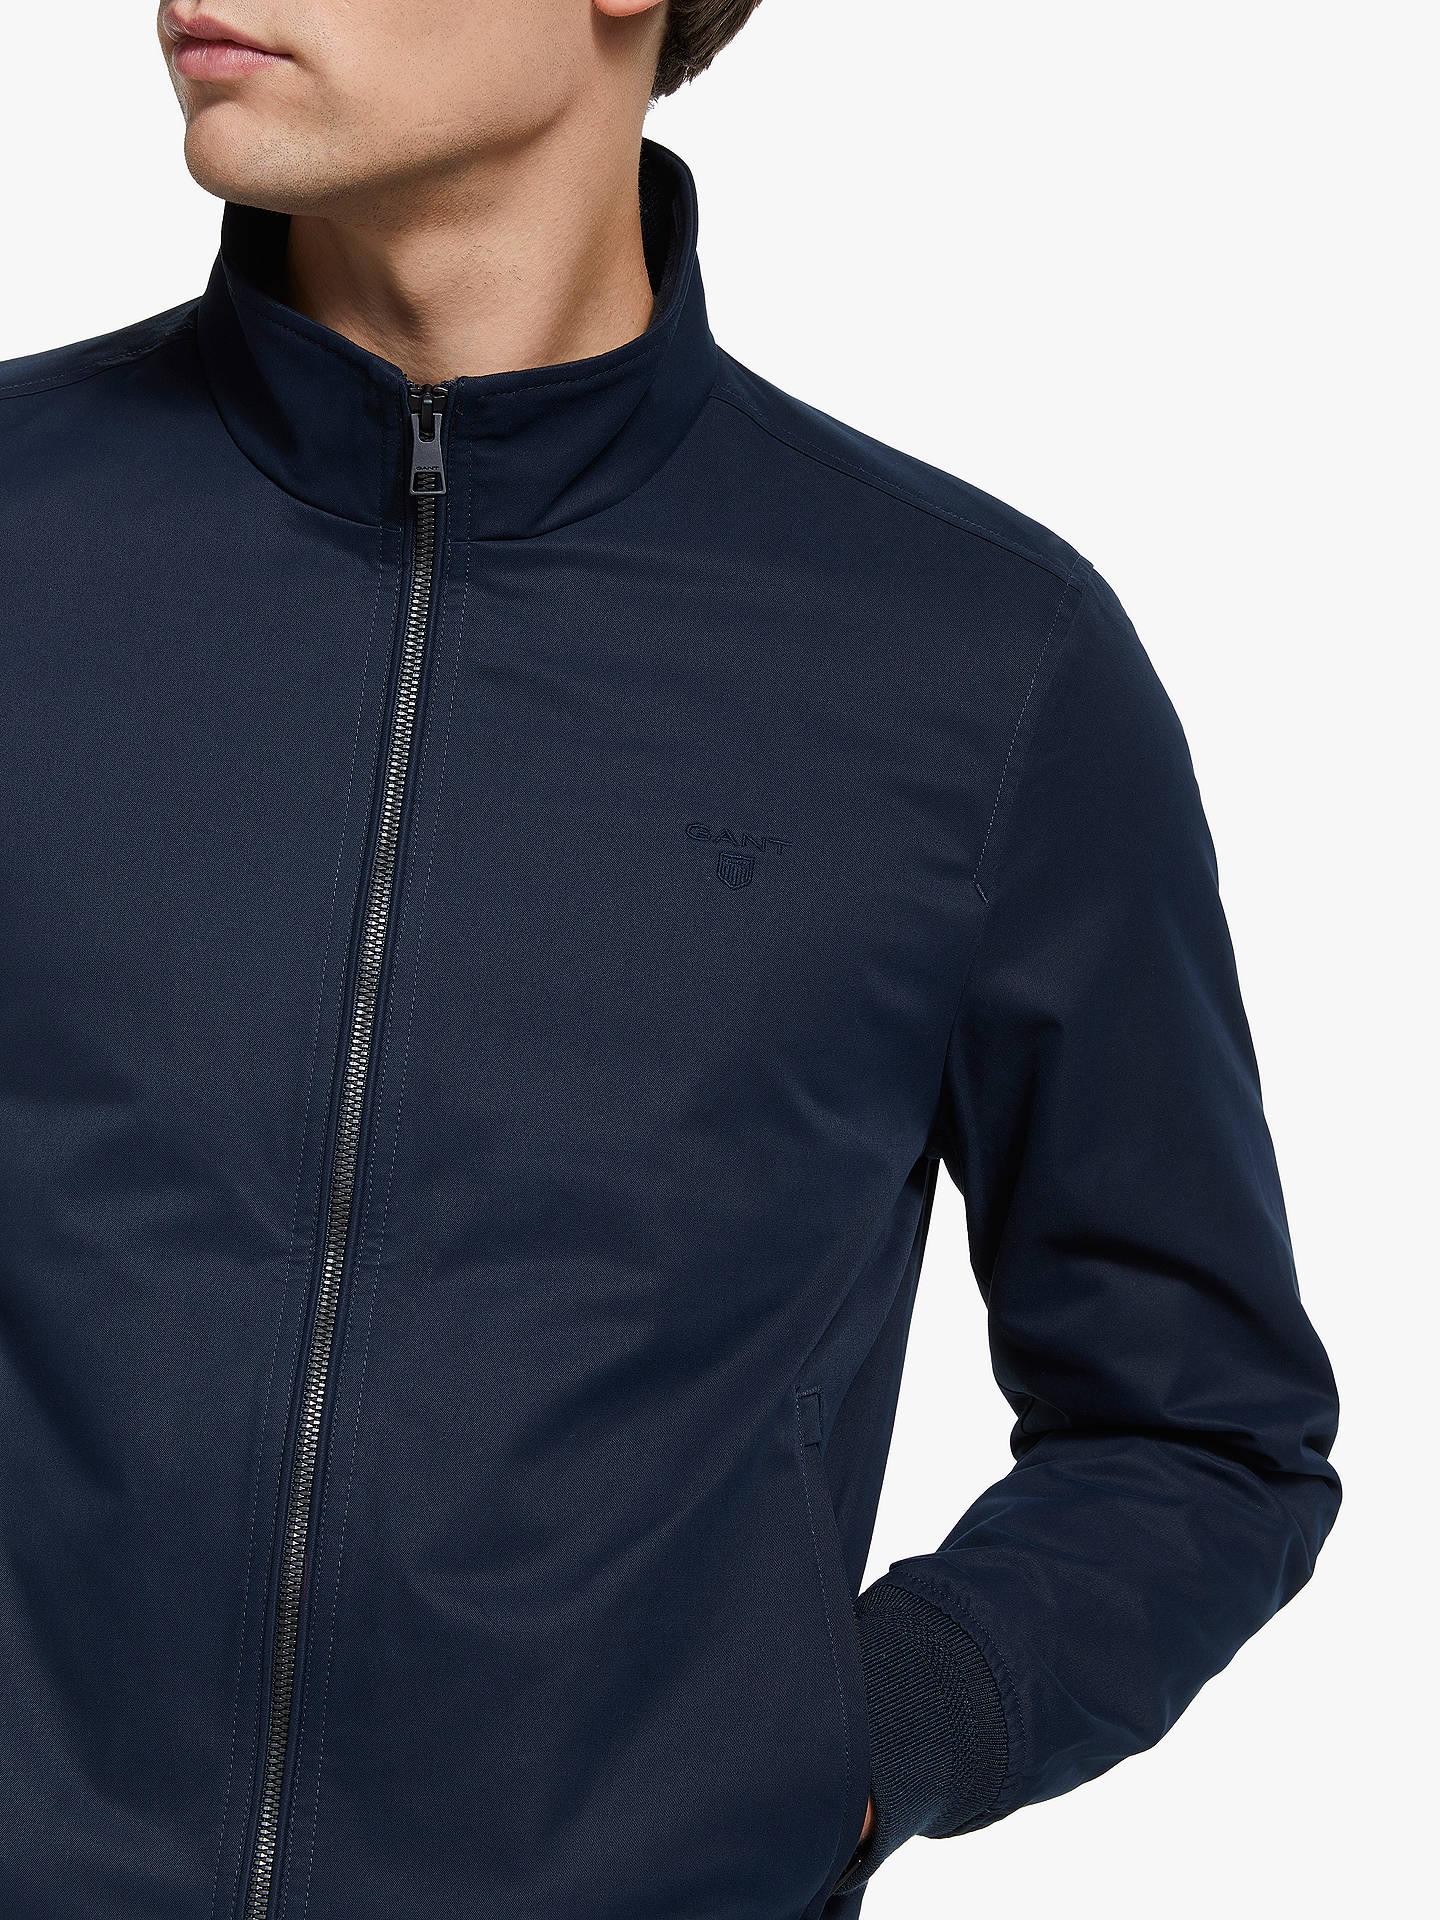 8250cffffa5 ... Buy GANT The Comfort Hampshire Jacket, Evening Blue, L Online at  johnlewis.com ...